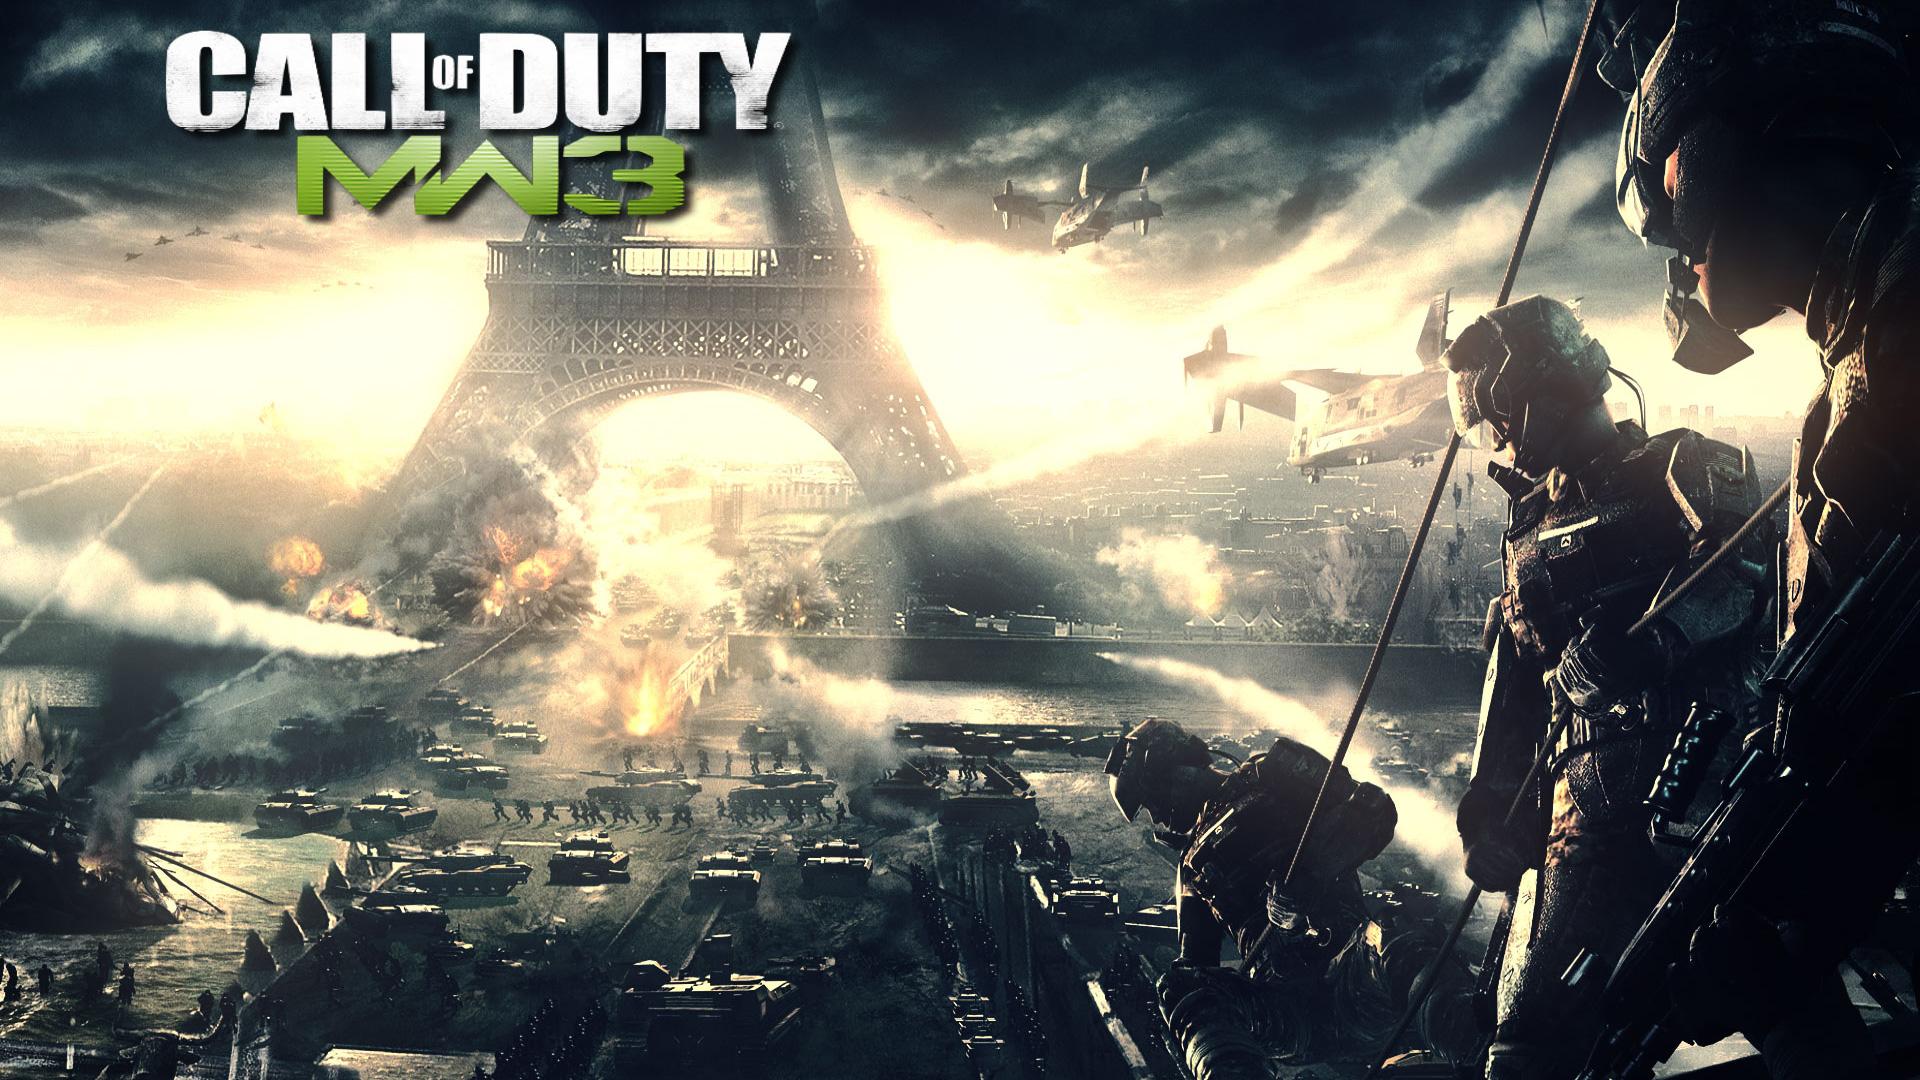 Free Download Call Of Duty Modern Warfare 3 Wallpaper In